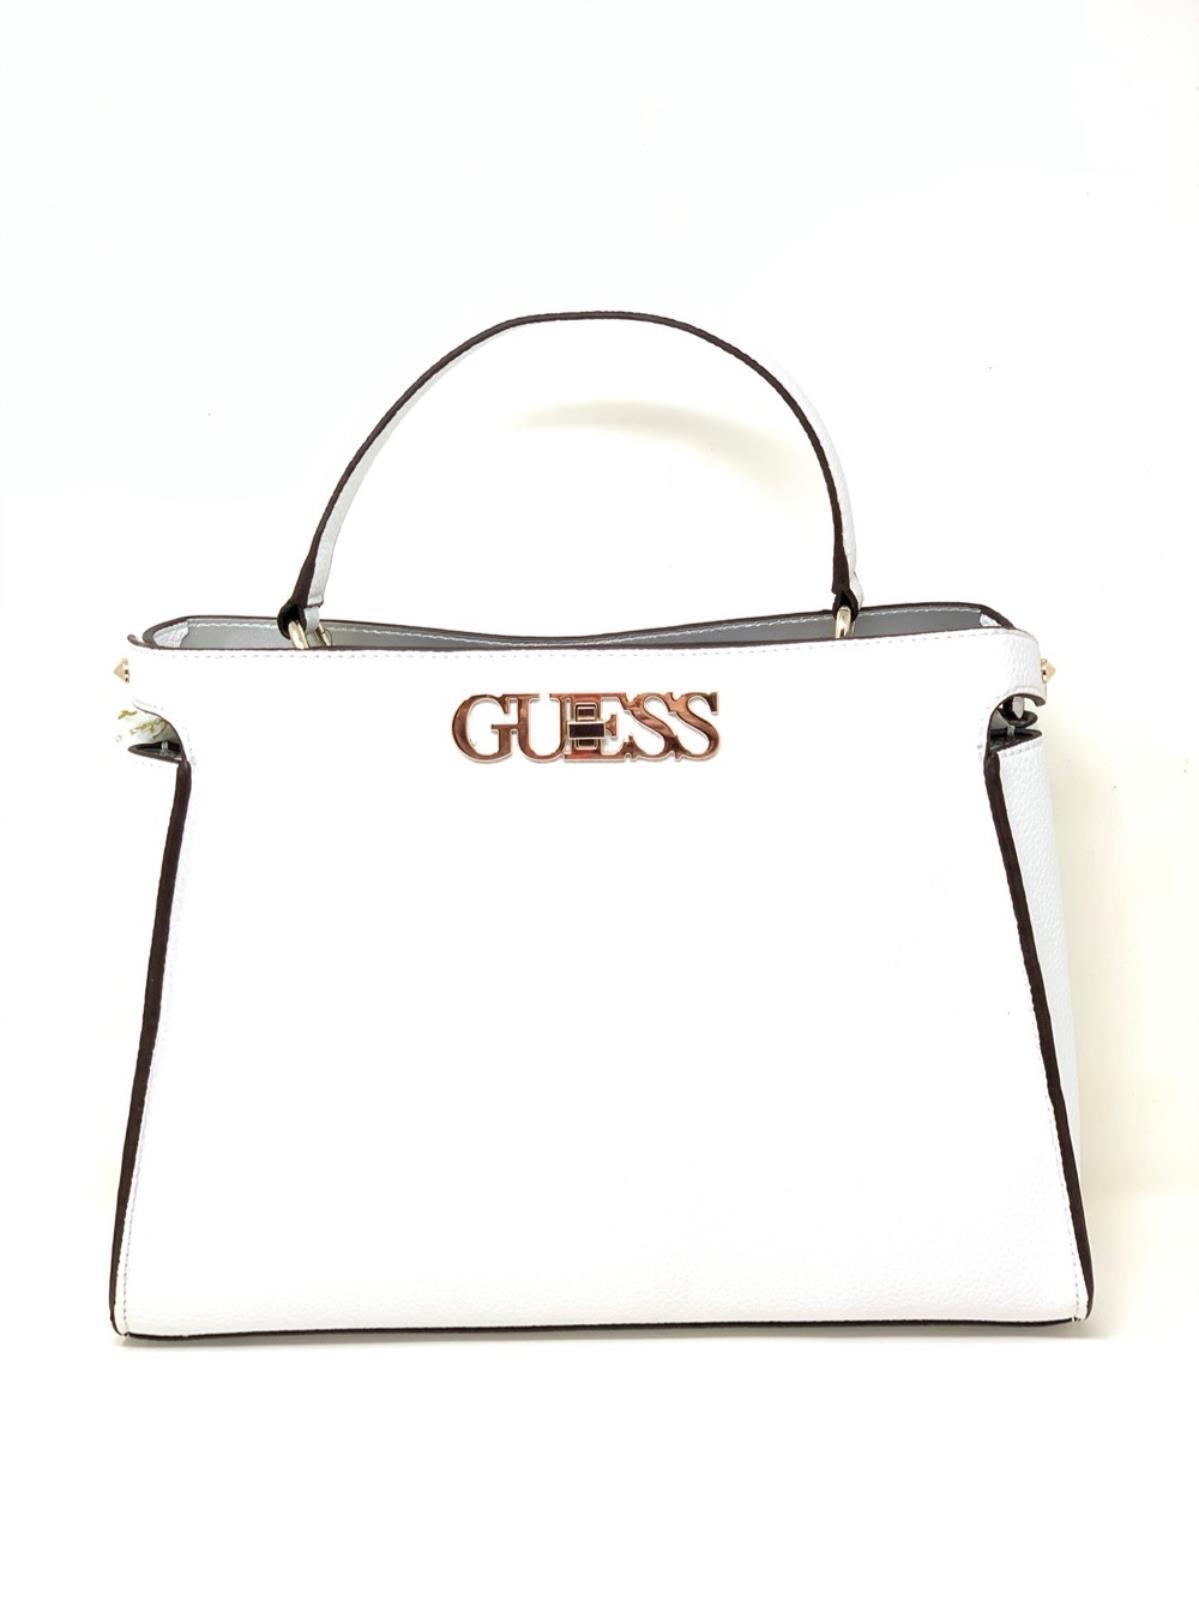 GUESS | Vegan bag a mano con tracolla removibile 2 aperture